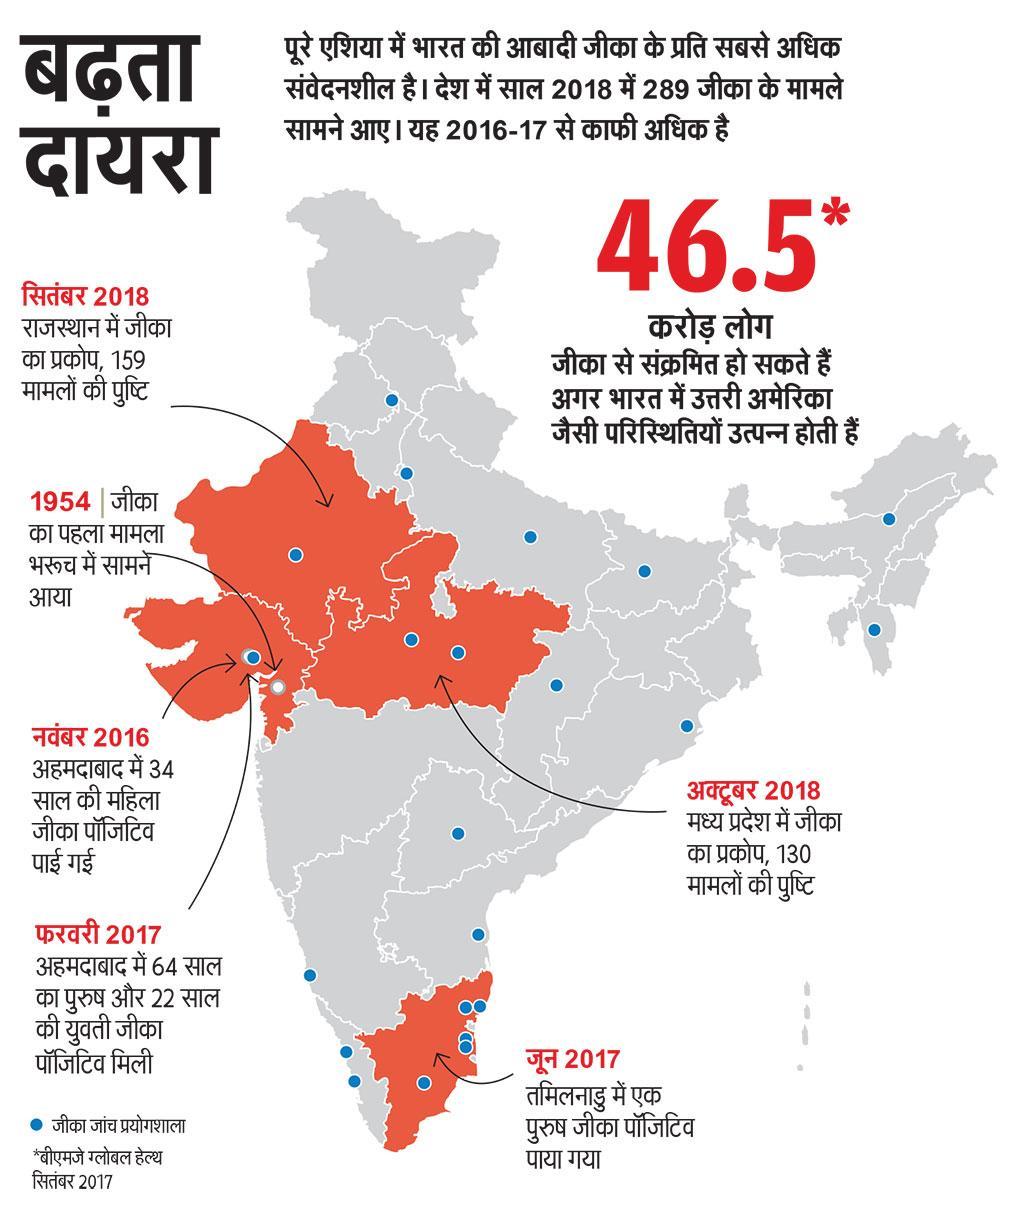 पूरे एशिया में भारत की आबादी जीका के प्रति सबसे अधिक संवेदनशील है। देश में साल 2018 में 289 जीका के मामले  सामने आए। यह 2016-17 से काफी अिधक है